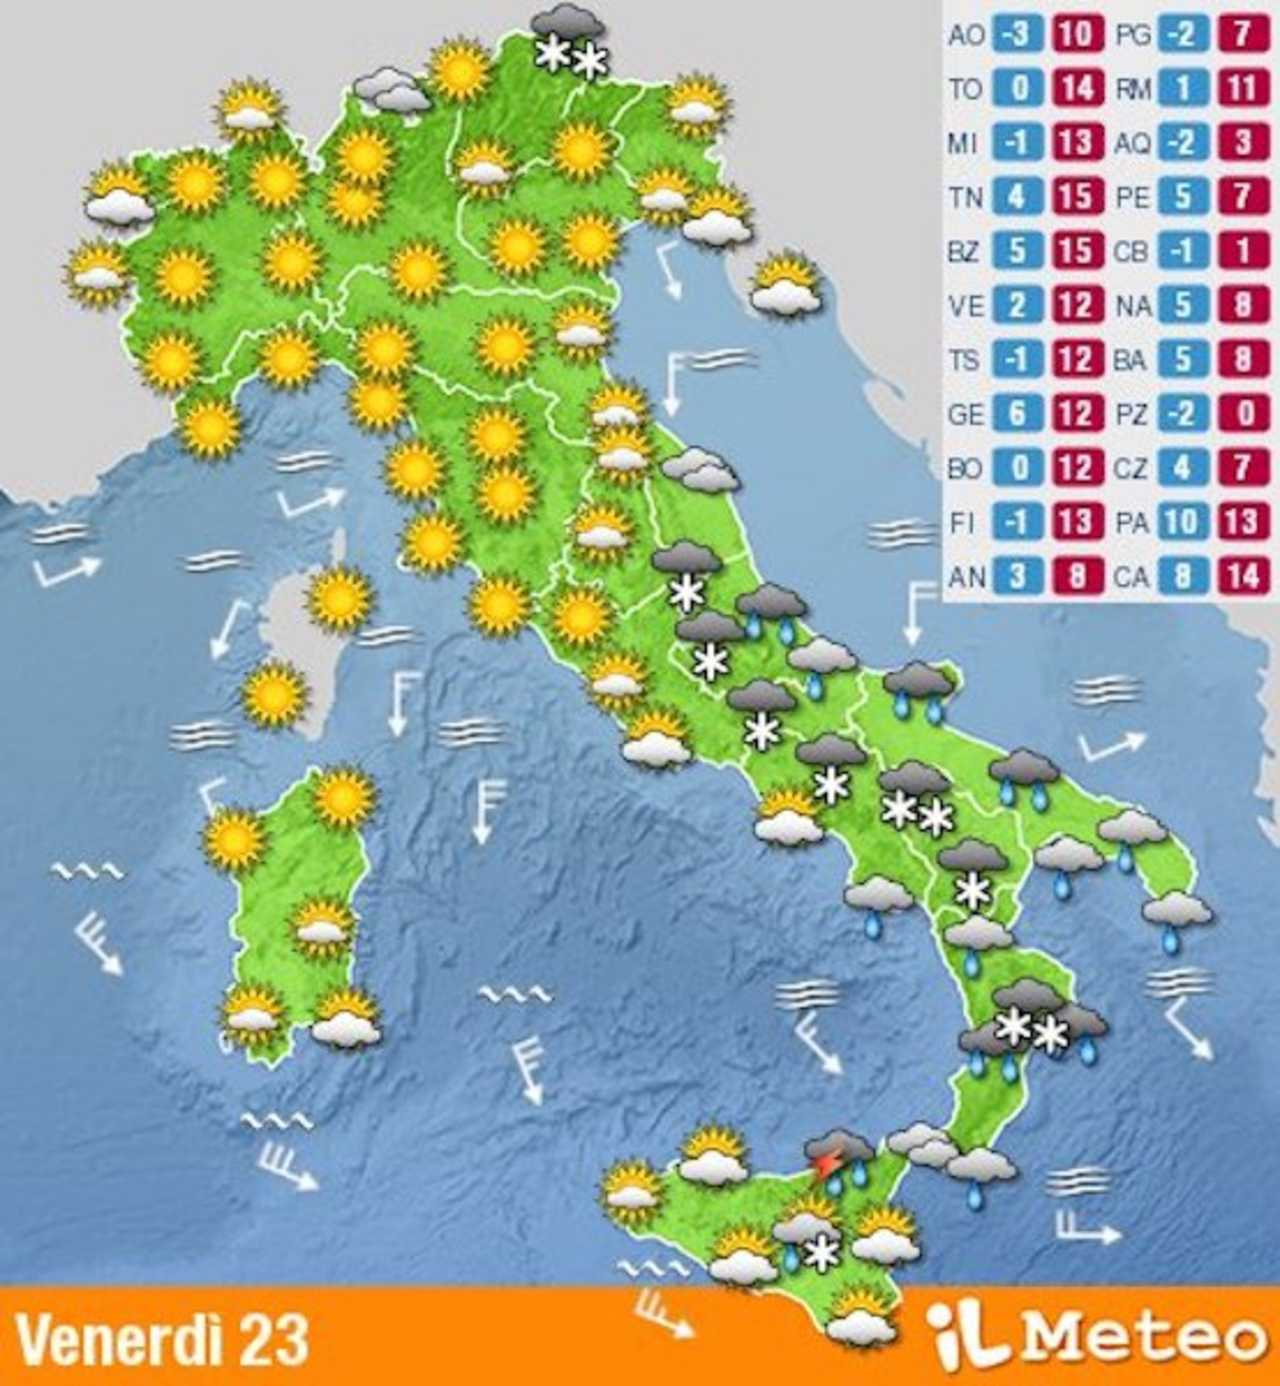 METEO: OGGI Temporali e NEVE al Sud Italia e sull'Abruzzo, il ...